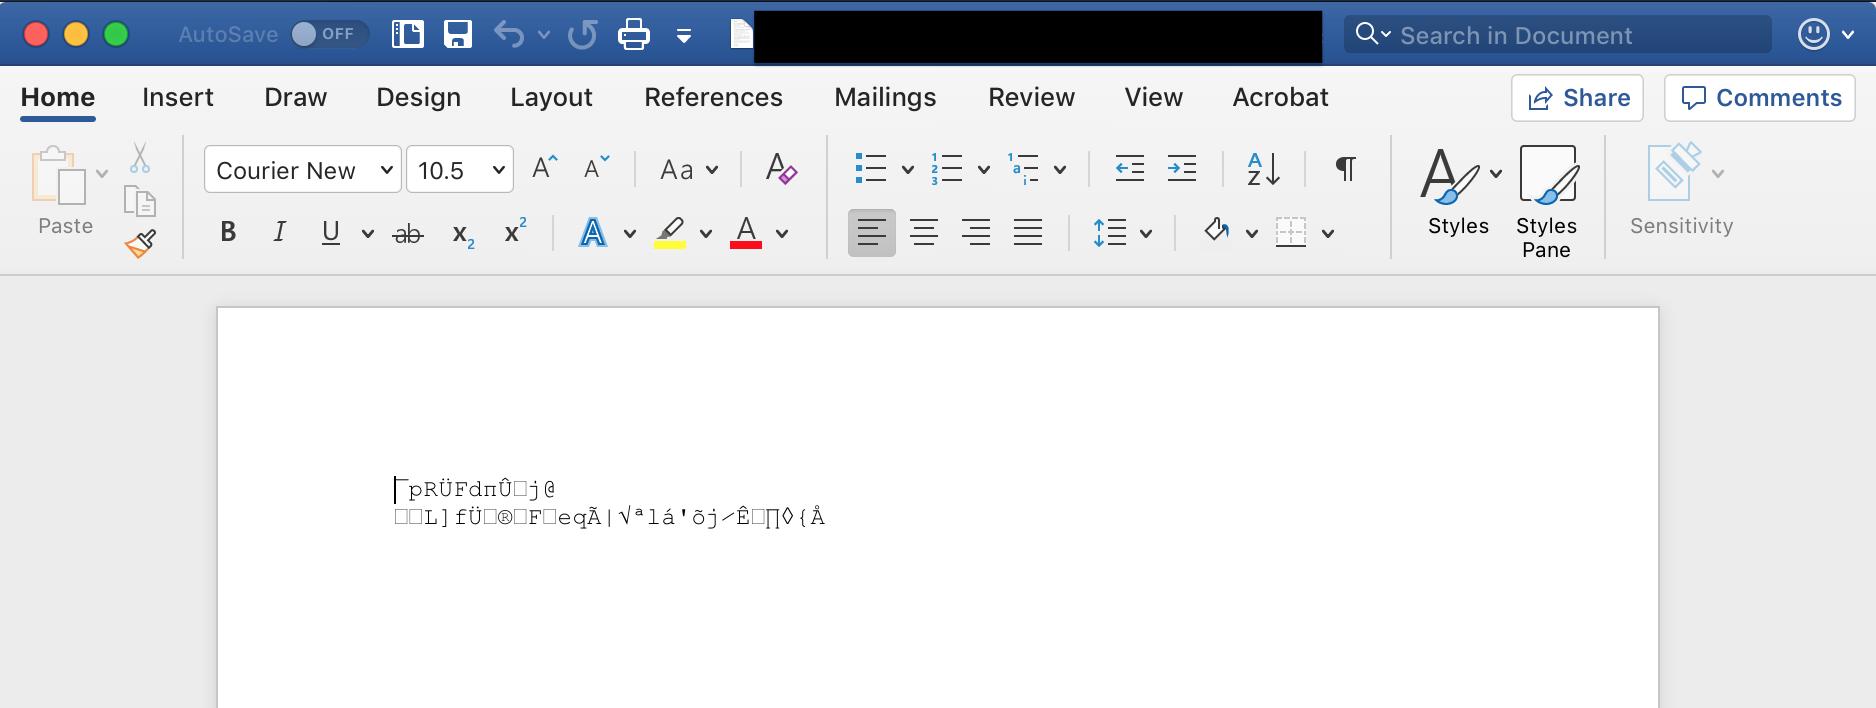 Adobe Acrobat Help